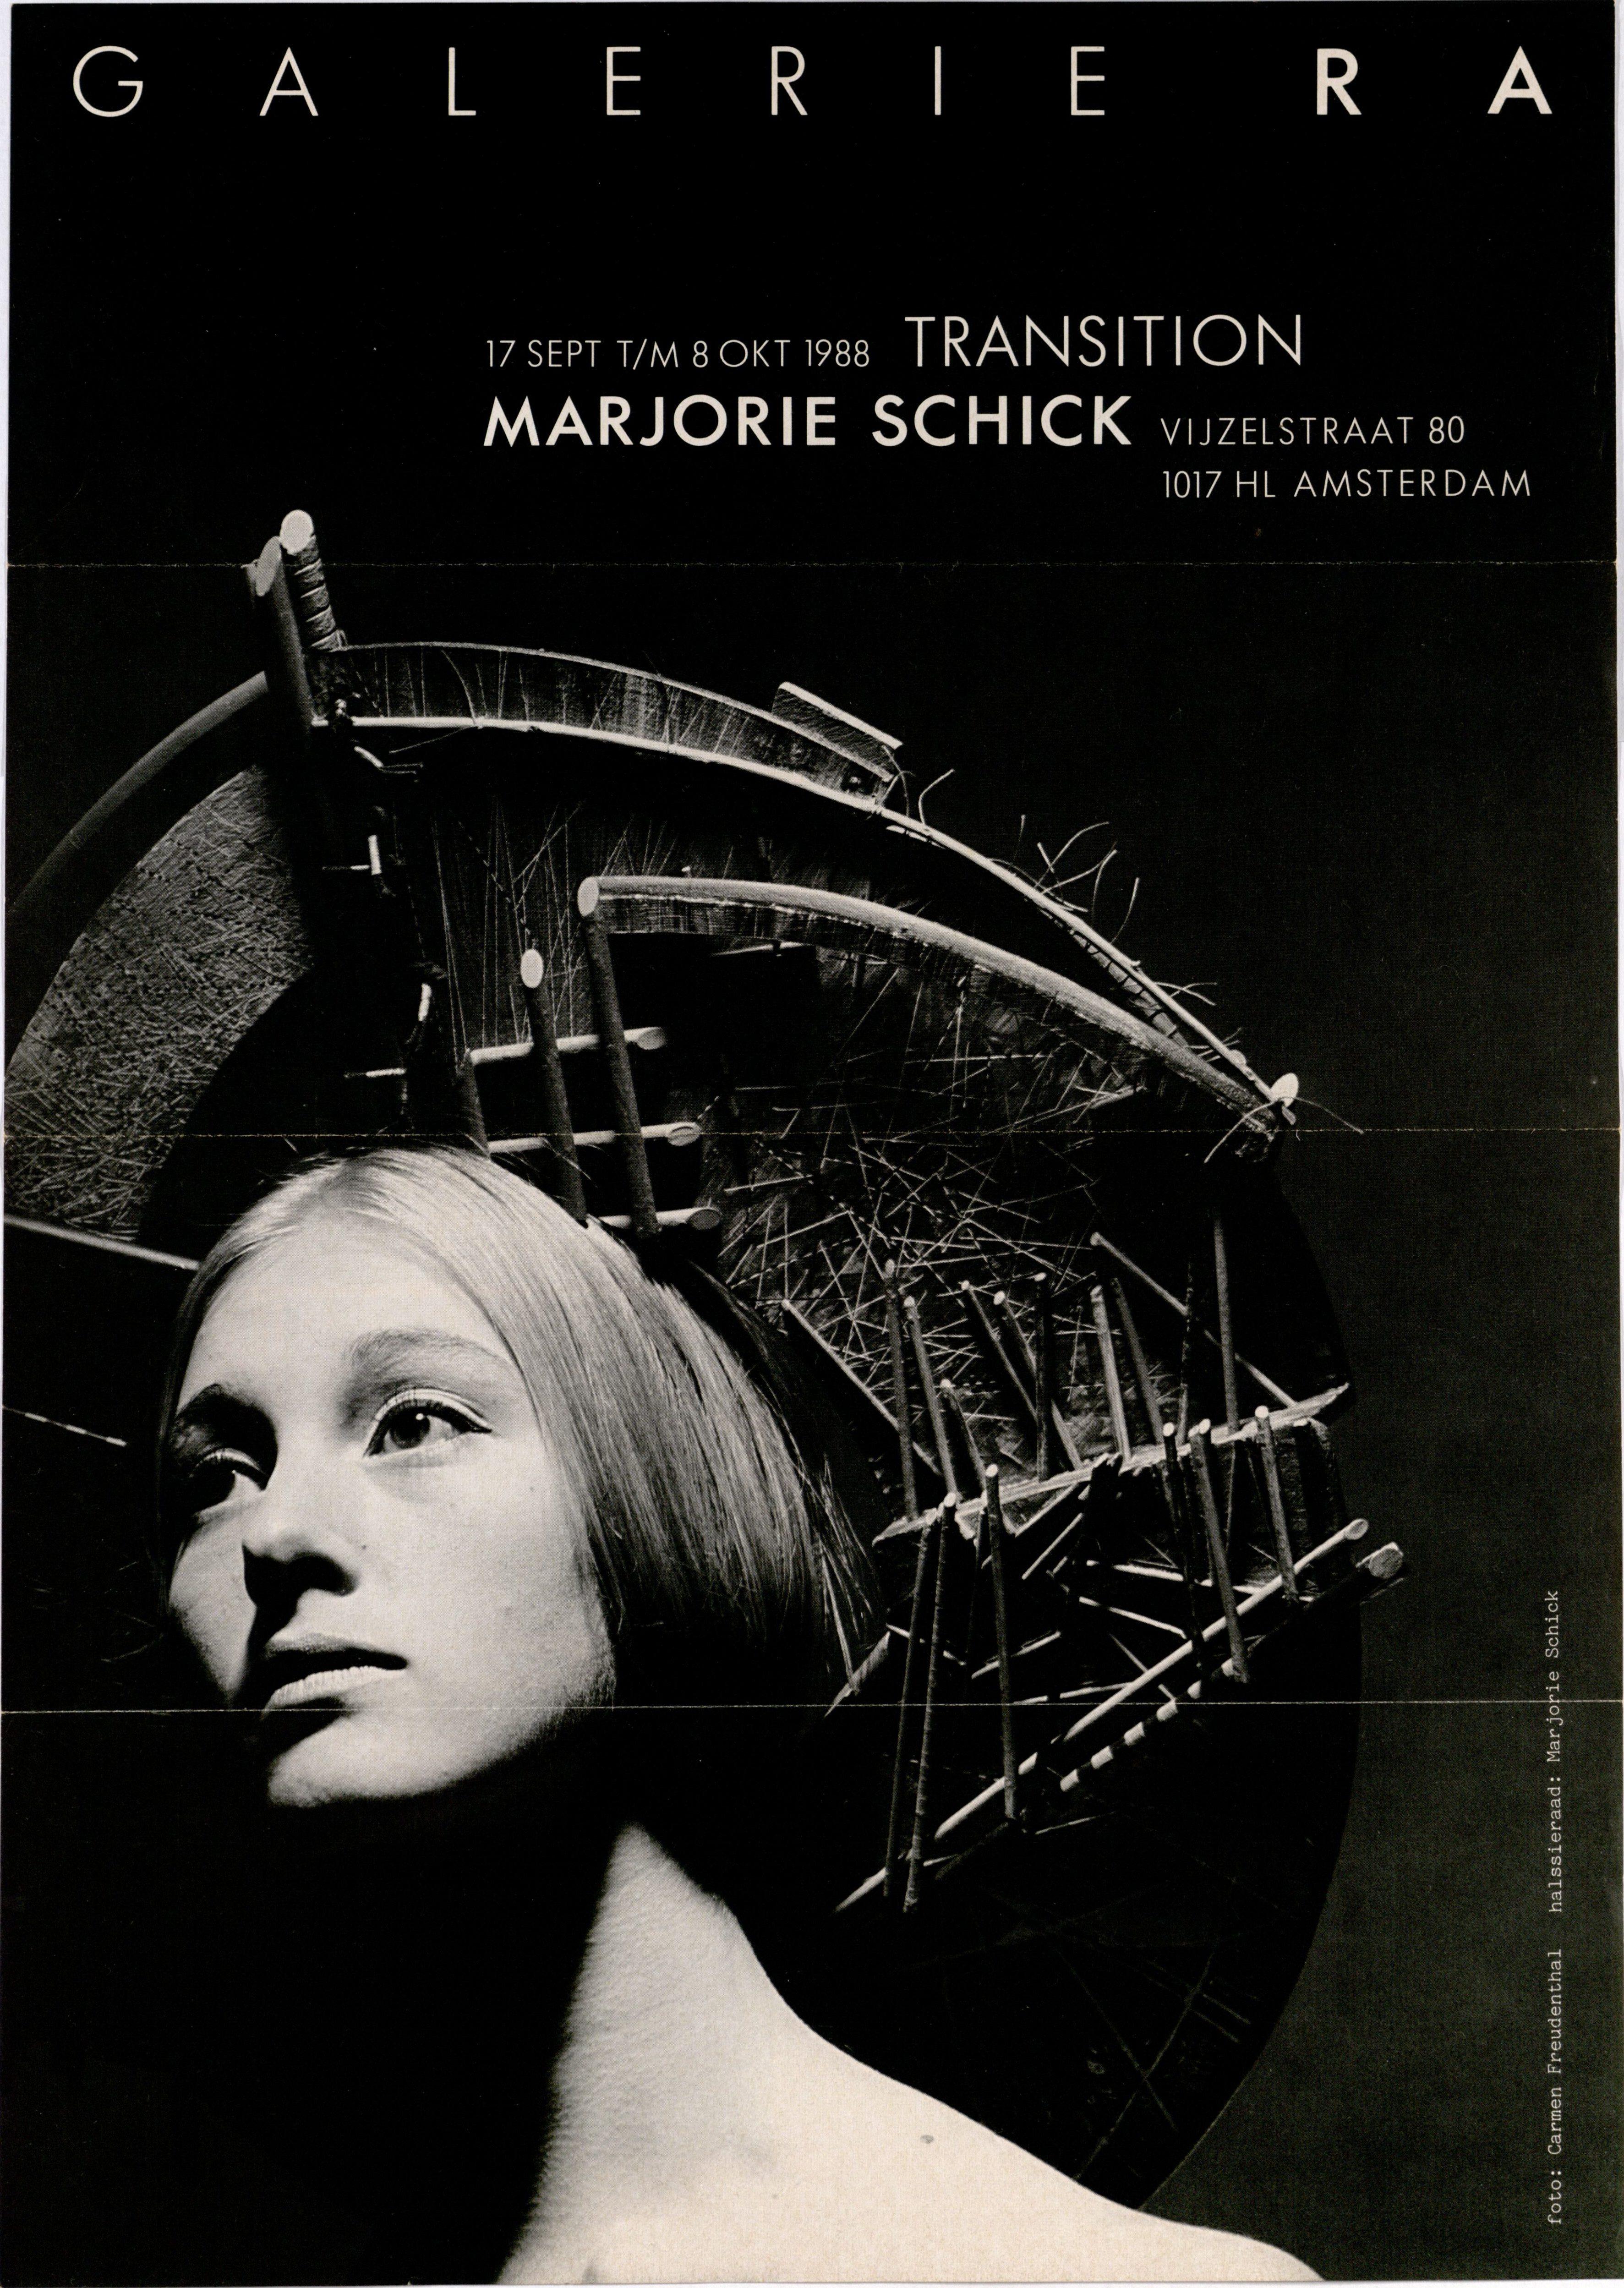 Ra Bulletin 43, september 1988, voorzijde met foto van Carmen Freudenthal met sieraad van Marjorie Schick, drukwerk, papier, hout, verf